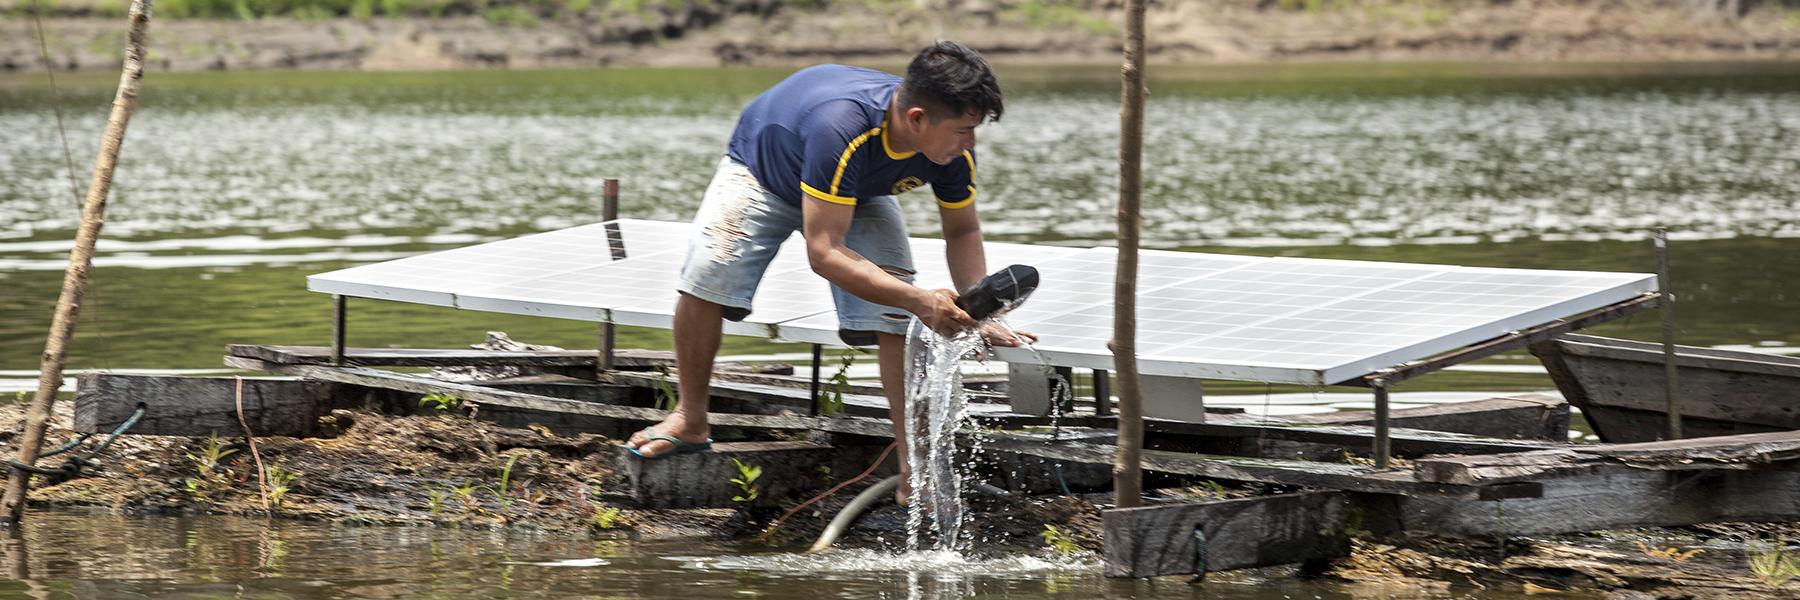 Projeto de abastecimento de água com energia solar